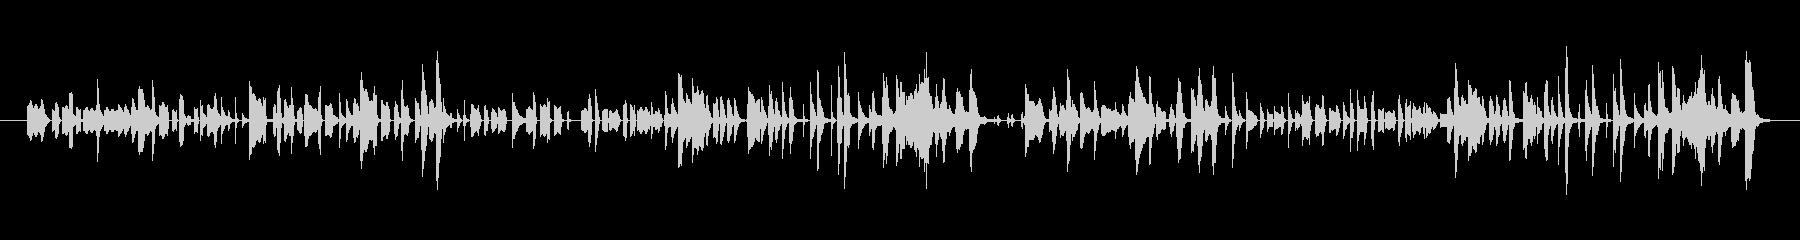 エレクトリックピアノによるコミカルな演奏の未再生の波形